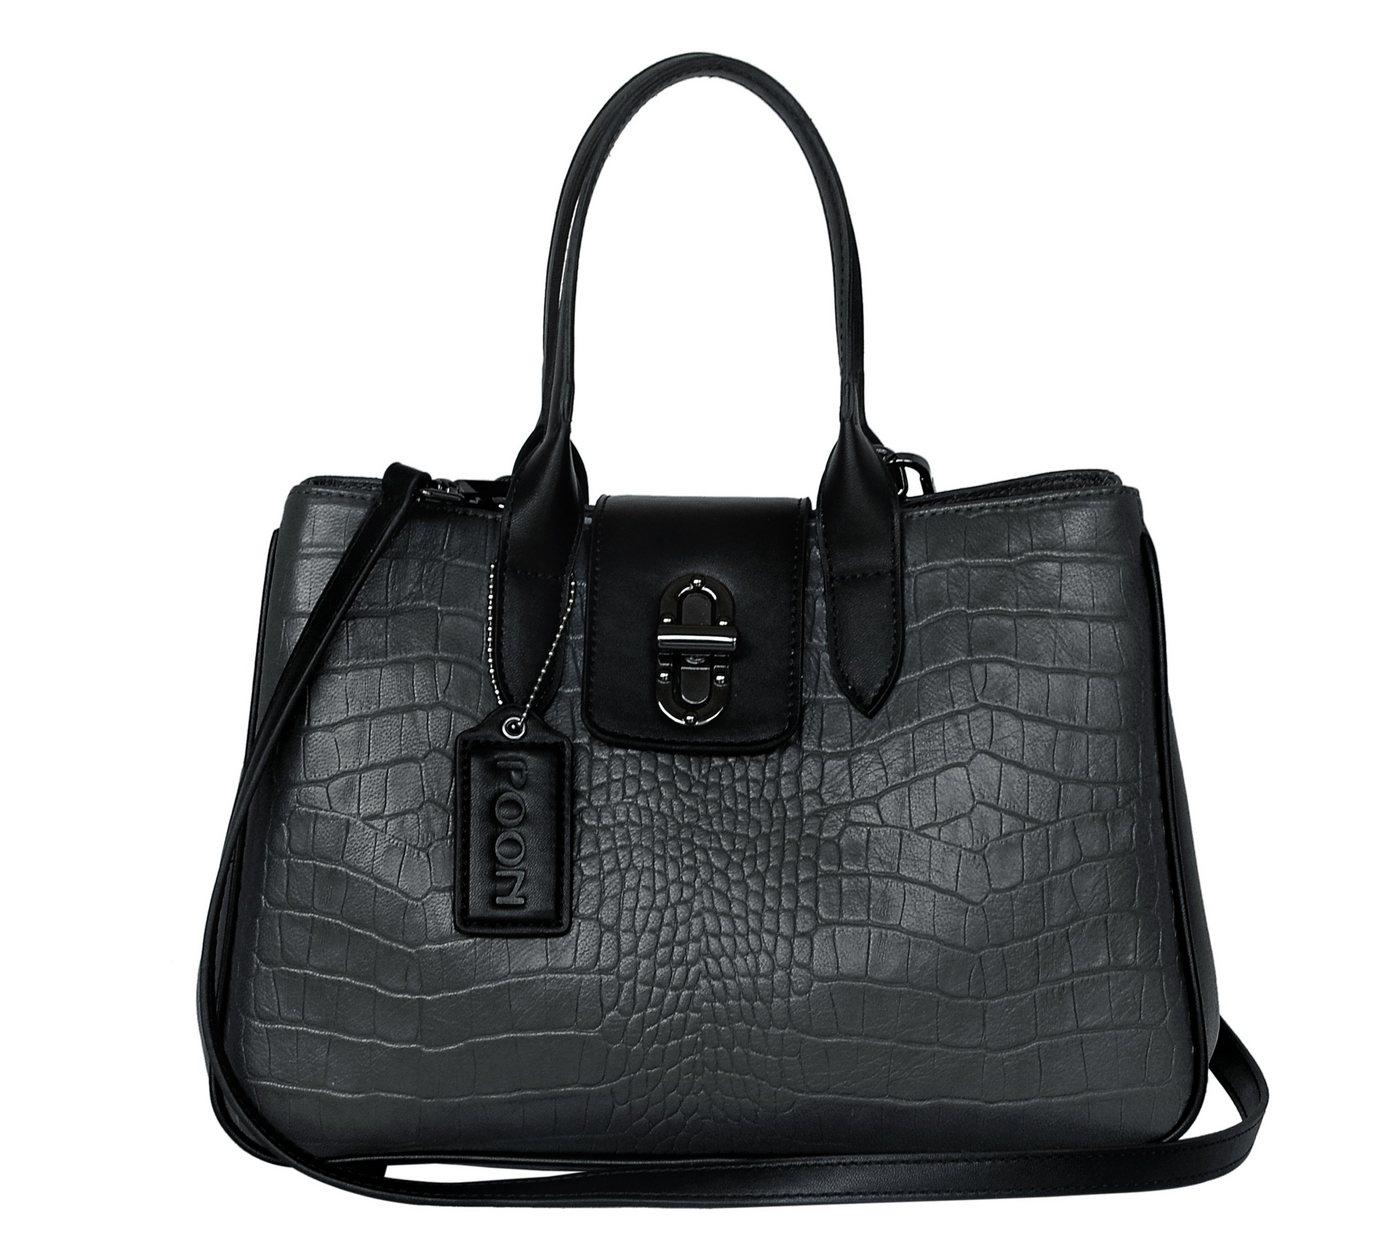 POON Switzerland Lederhandtasche mit Tragegriffen | Taschen > Handtaschen > Ledertaschen | Grau | Baumwolle | POON Switzerland